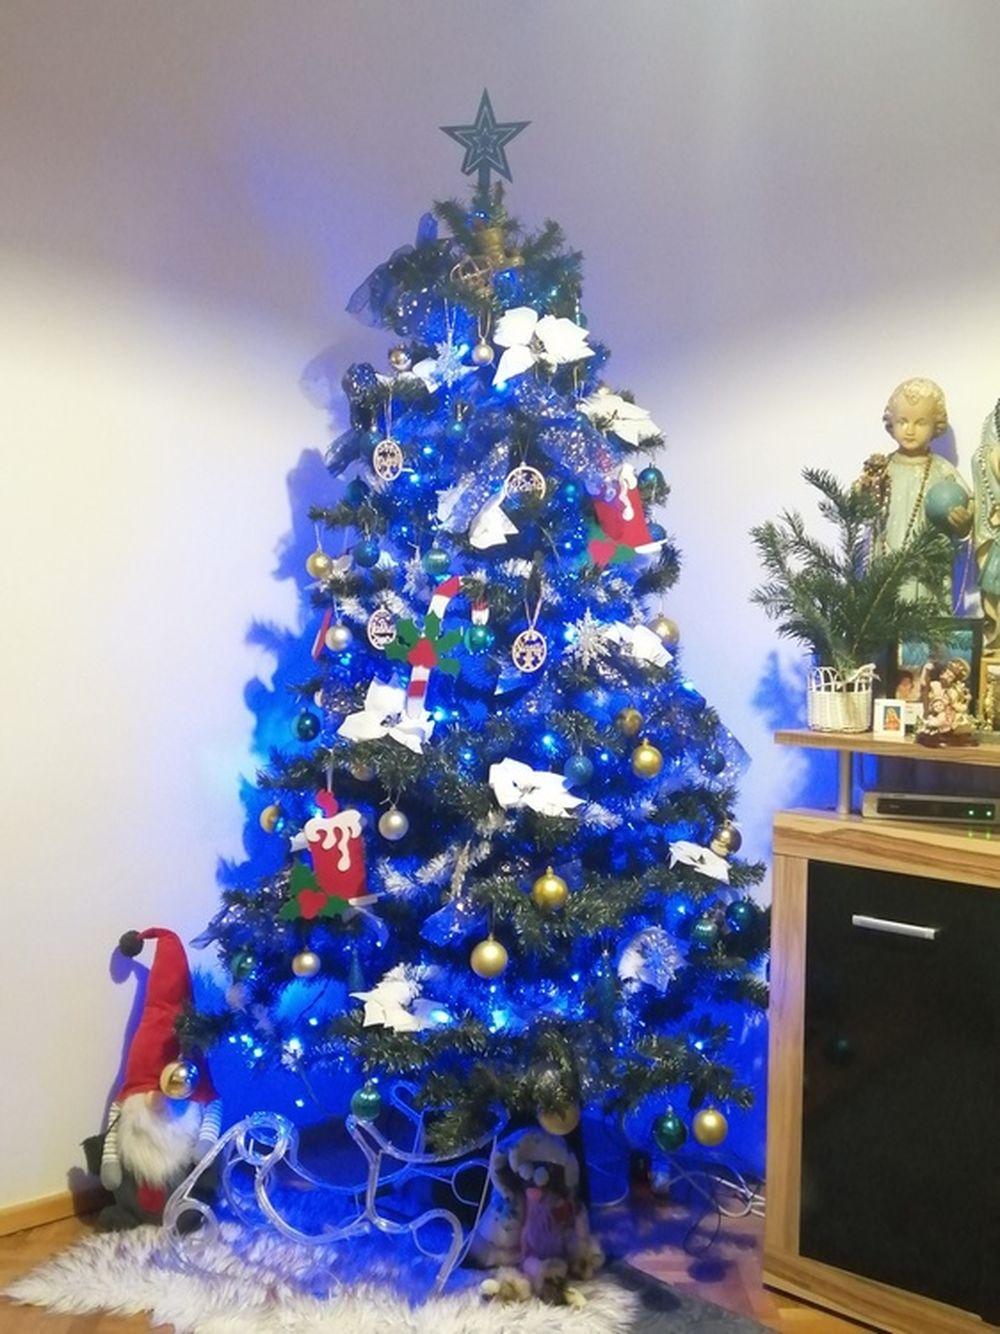 FOTO: Vianočné stromčeky v Žiline - výber fotografií našich čitateľov, foto 32